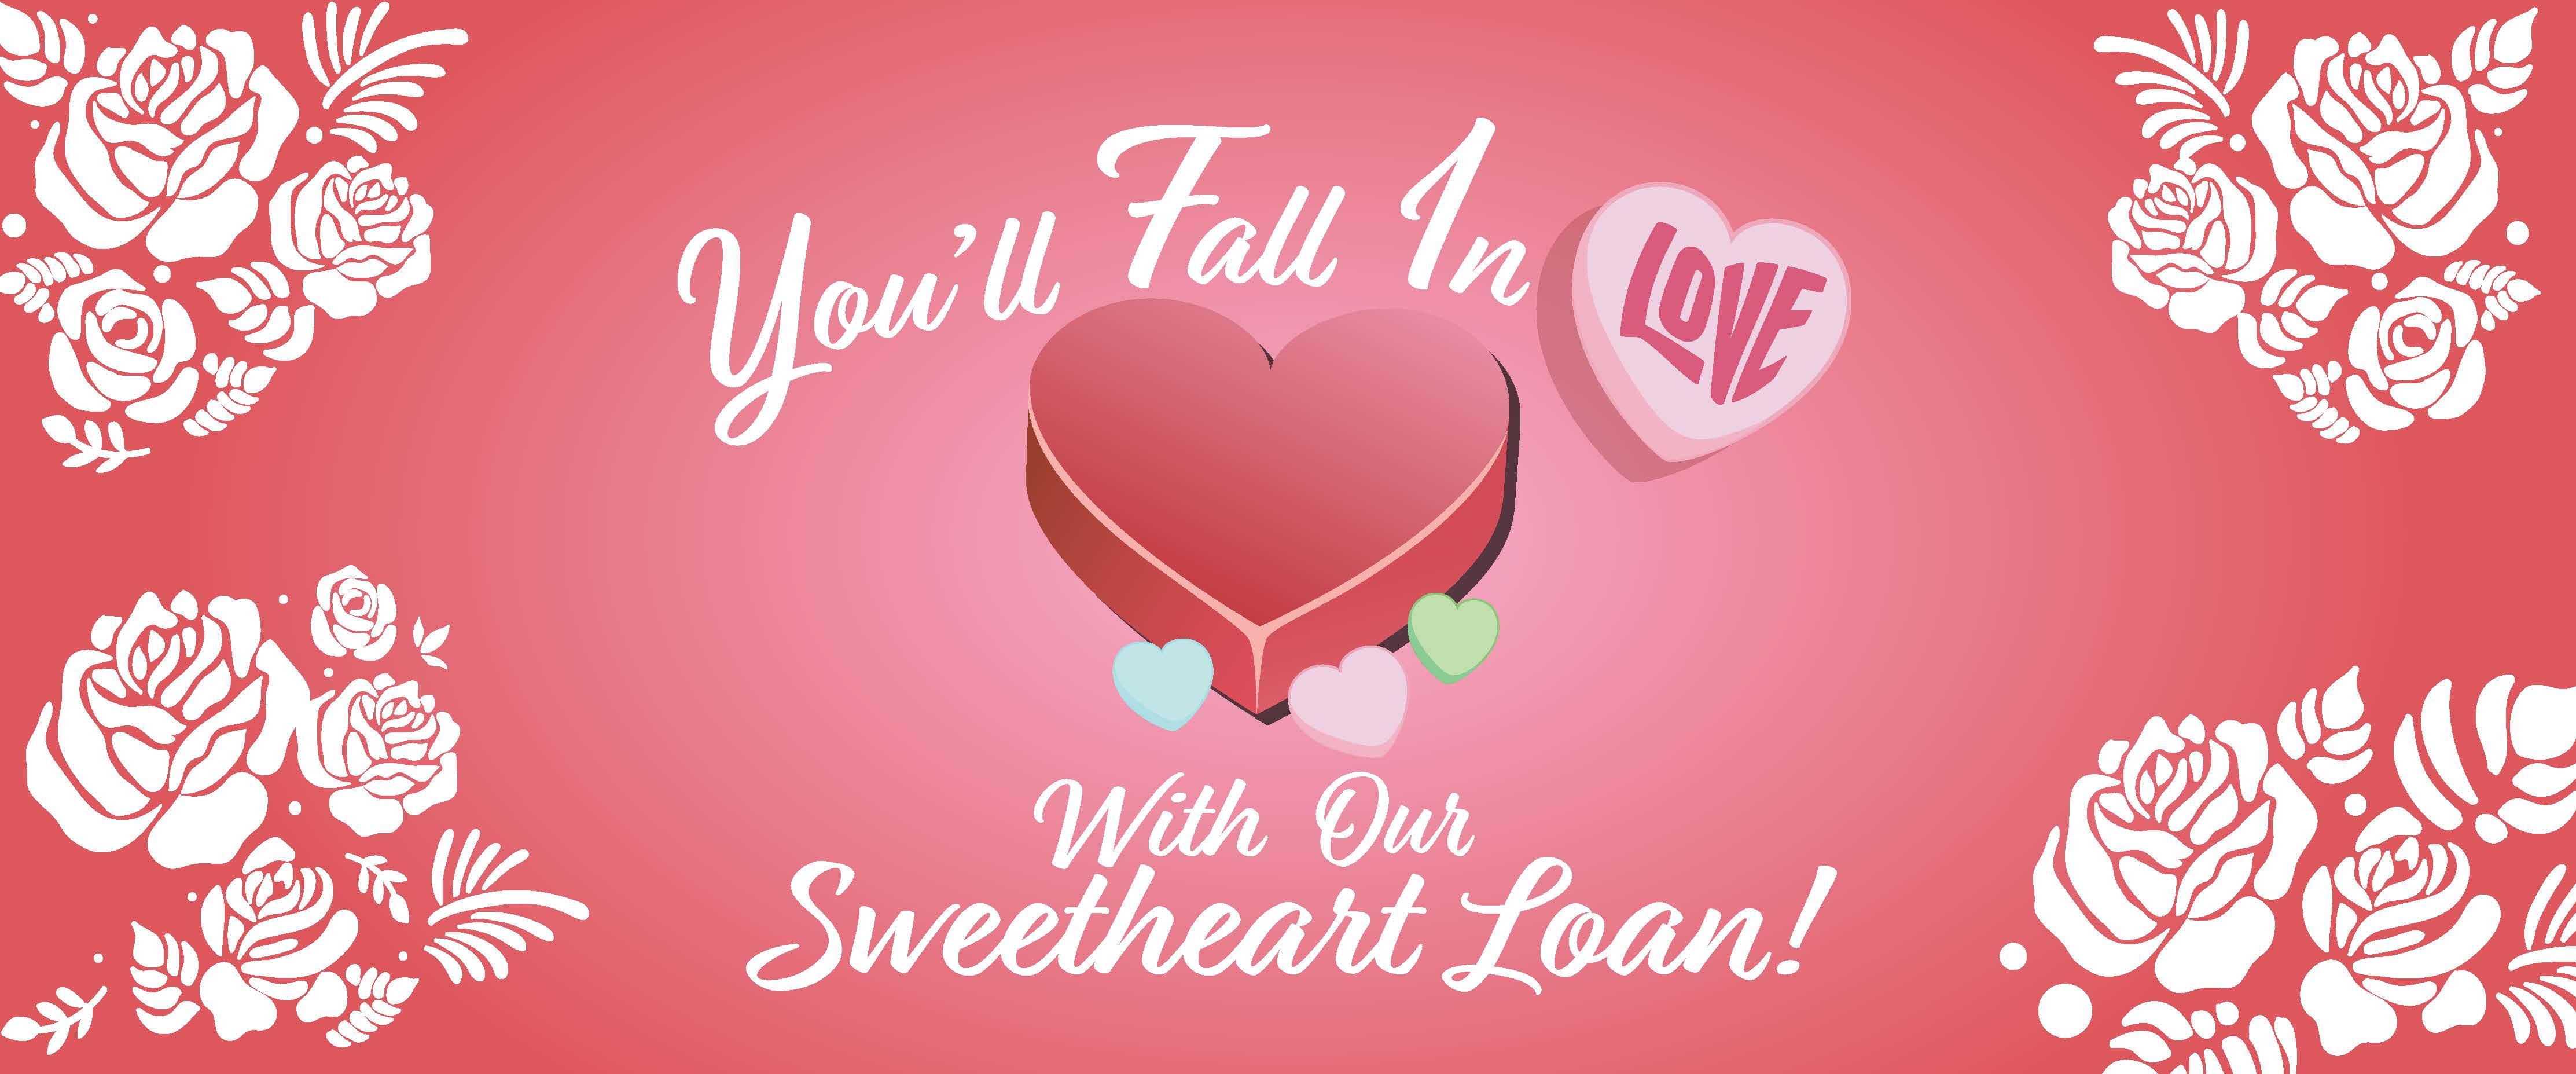 Sweetheart Loan Design